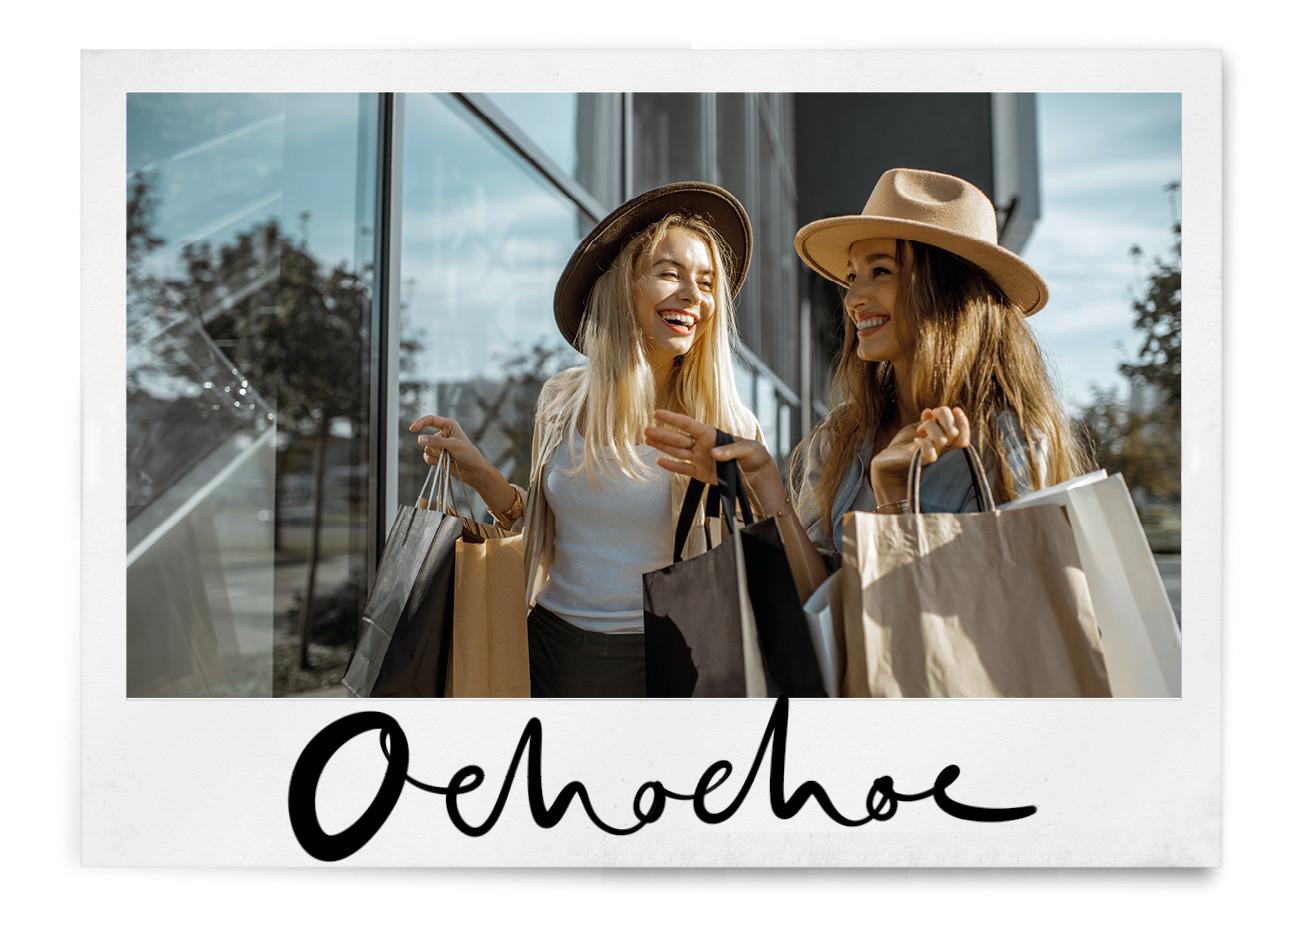 meiden die samen aan het shoppen zijn buiten